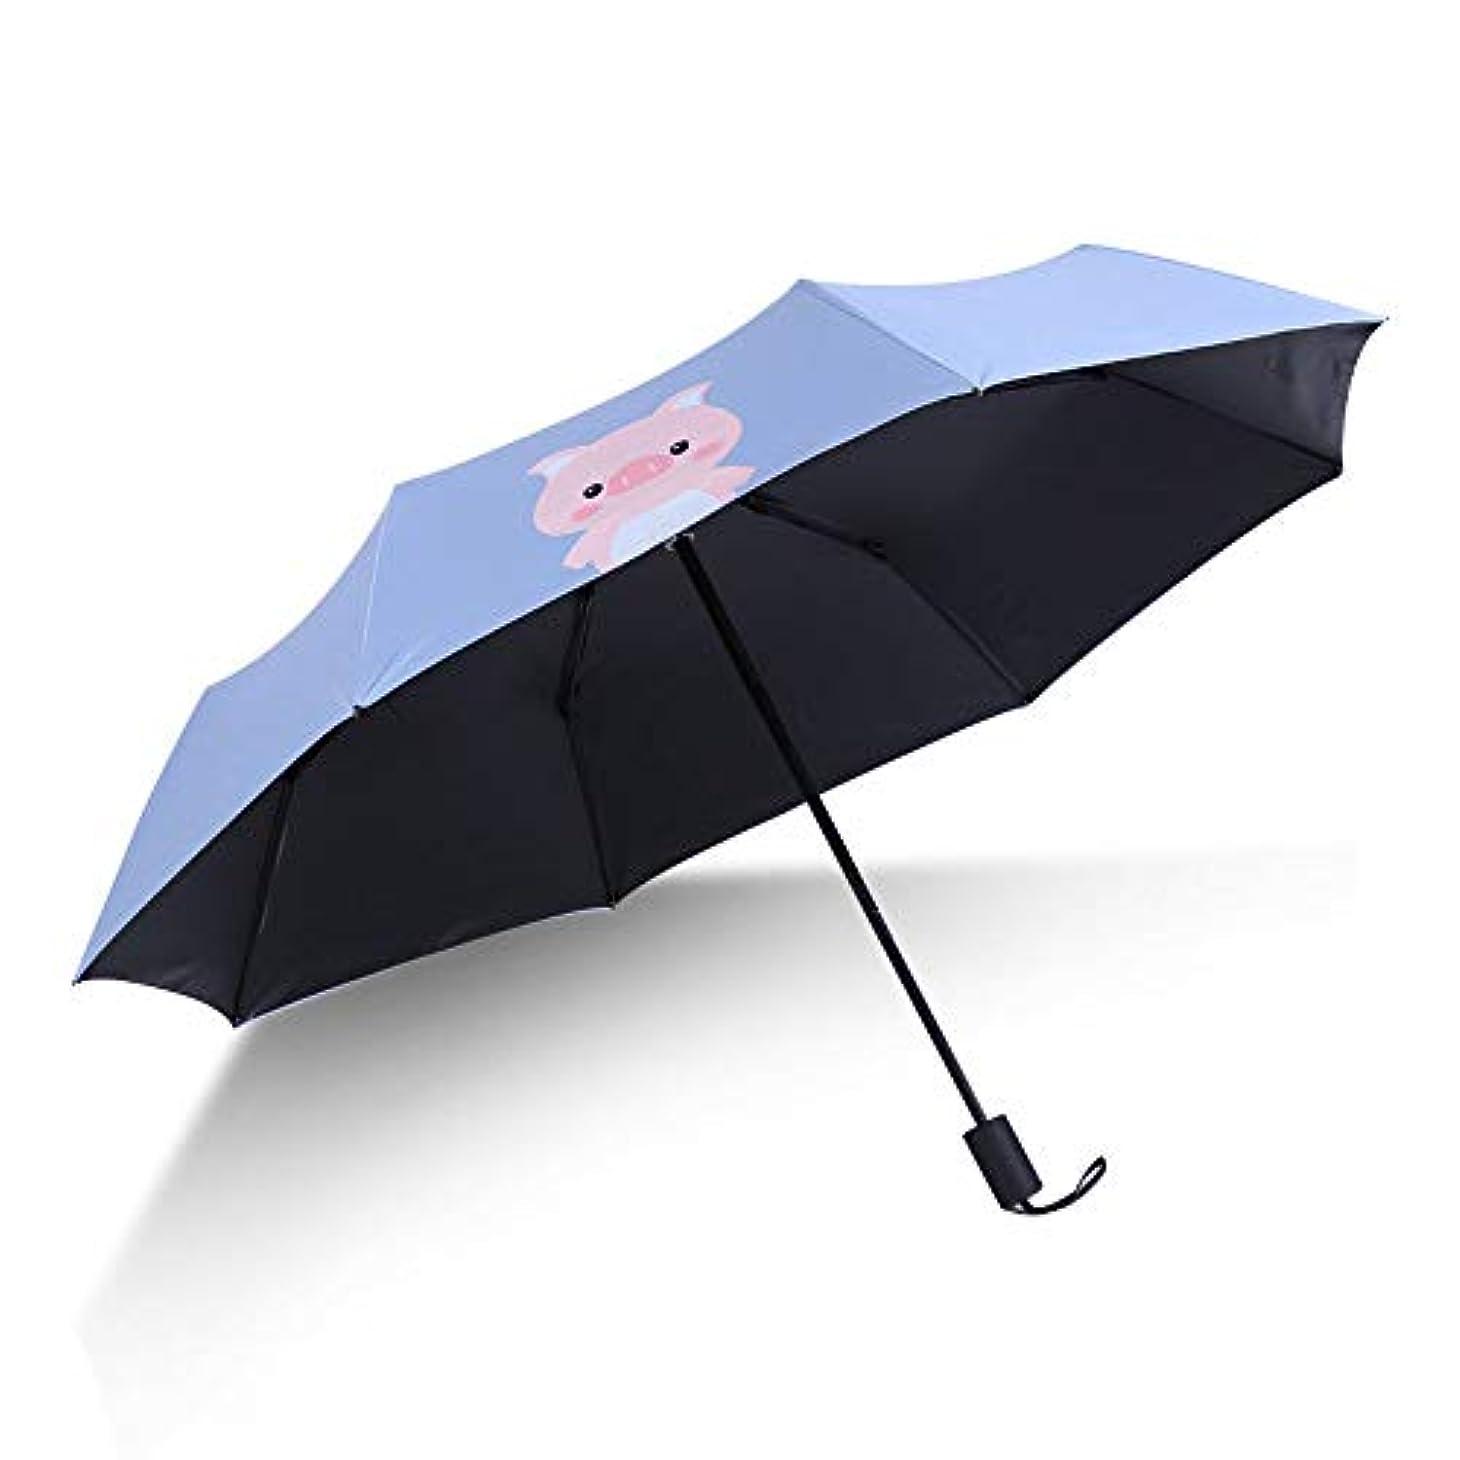 感染する施設冷蔵する日傘、三折りたたみ学生日焼け止めUV傘、周りに運ぶことができる、晴れと雨の日